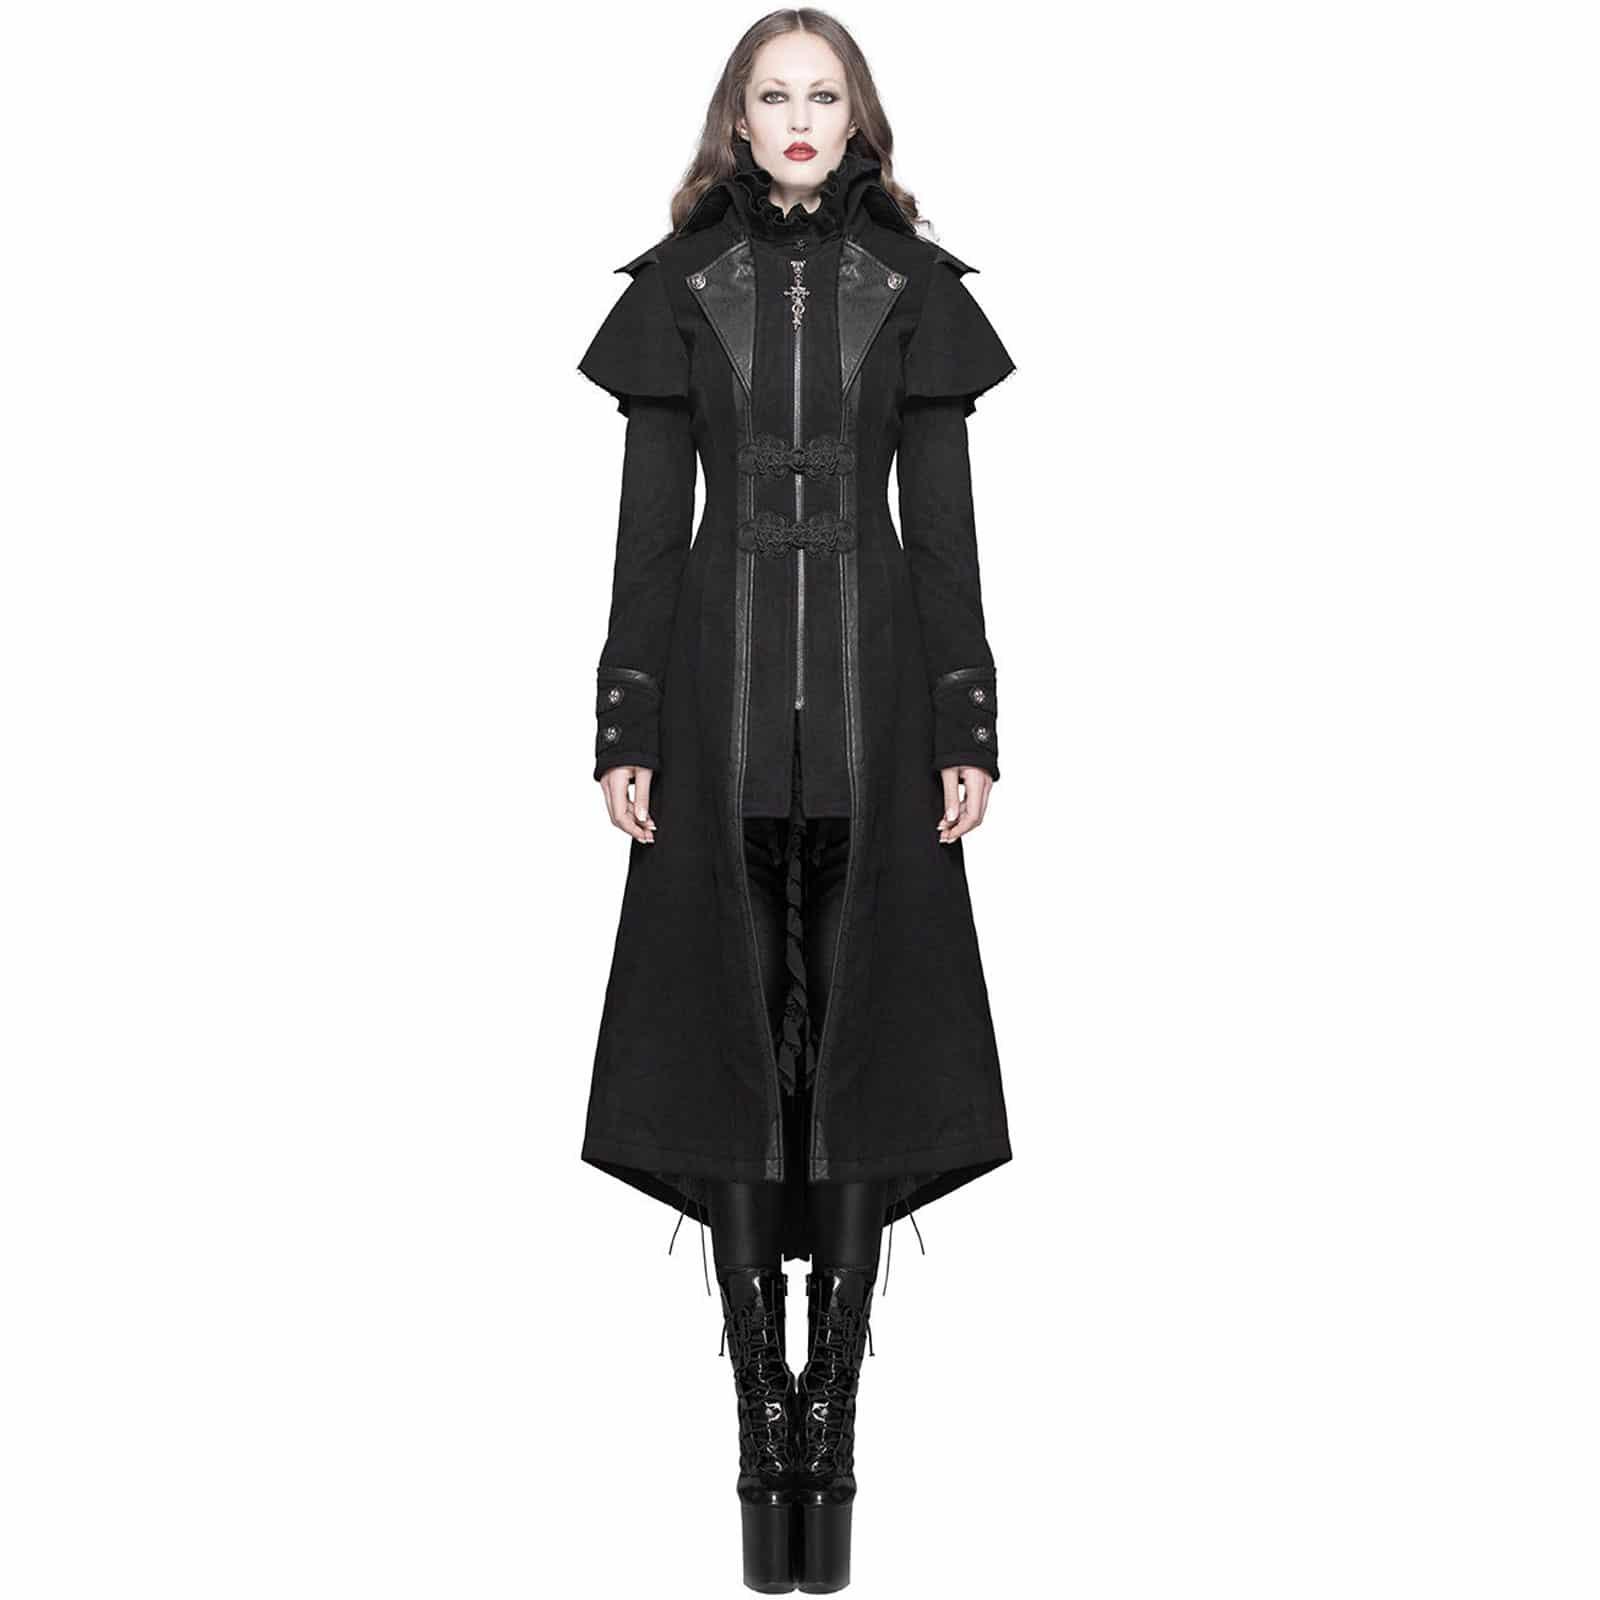 f1da5dd0748ed Womens Long Coat Jacket Black Gothic Steampunk Dieselpunk Winter